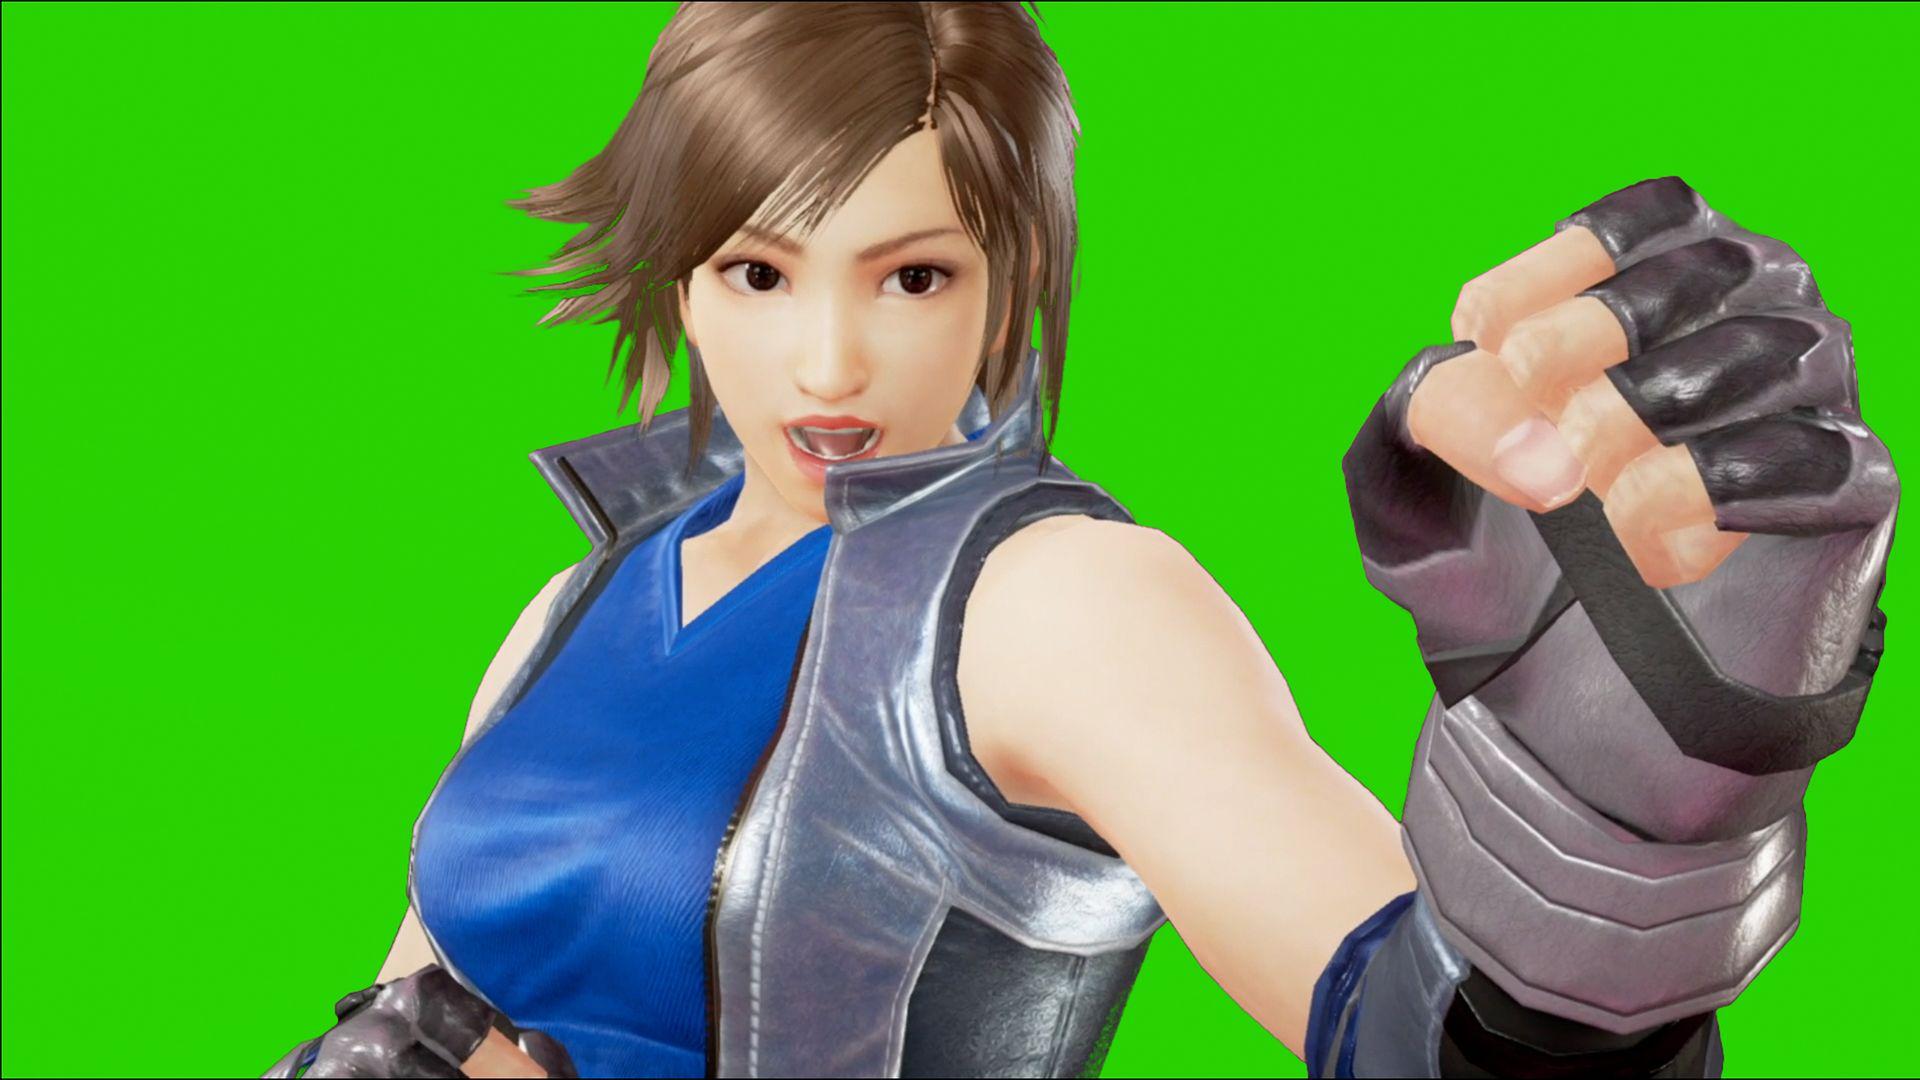 Tekken bulletproof vest youtuber nz pacific investments limited boca